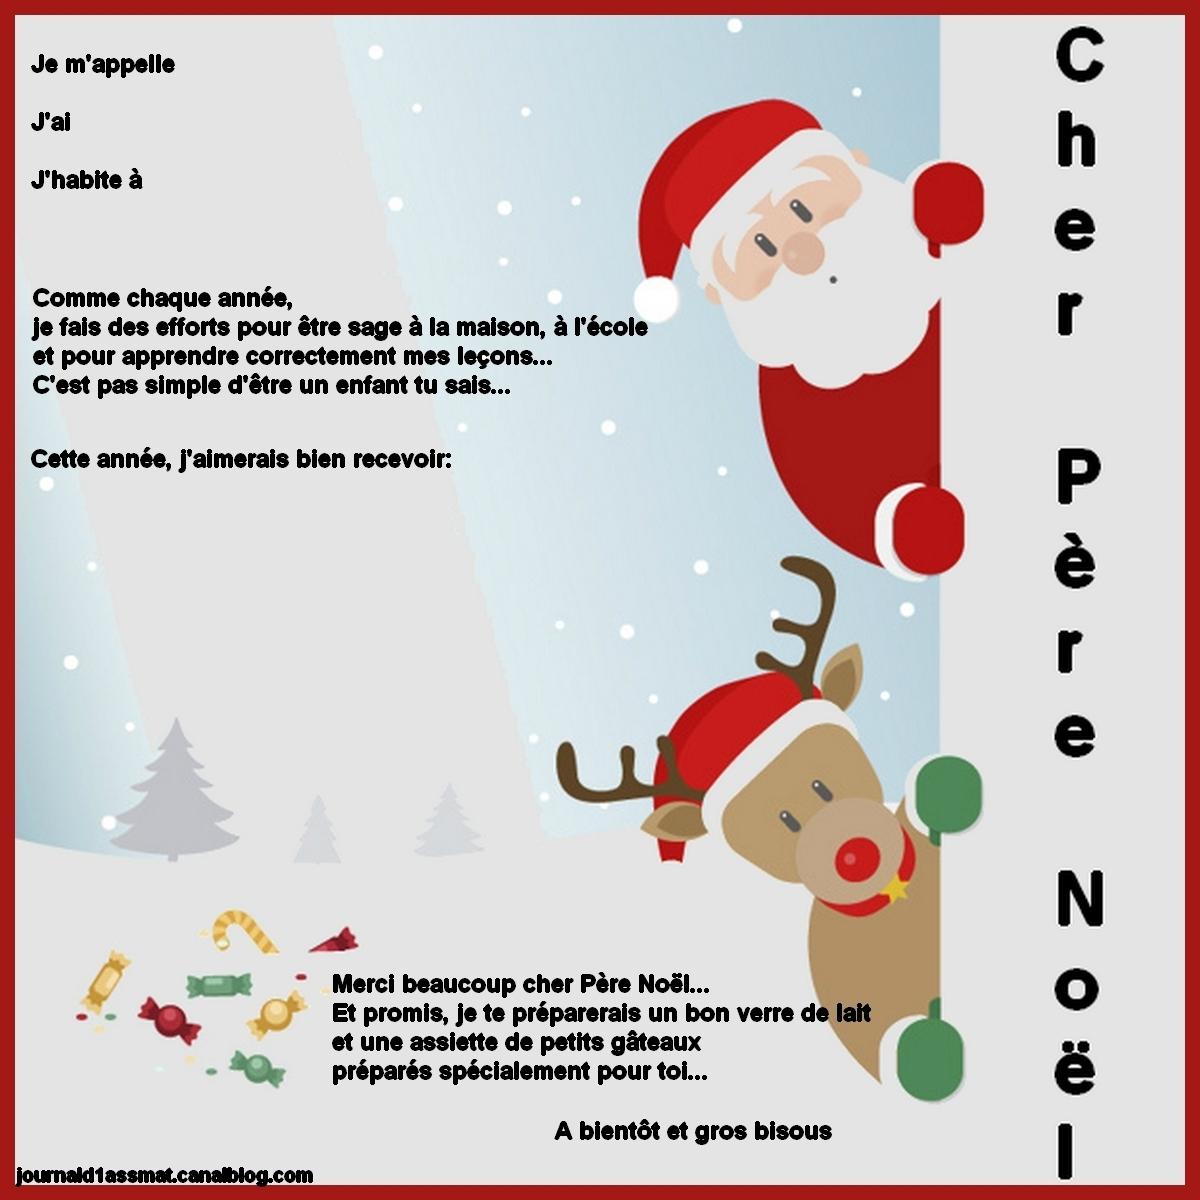 Bricolage: La Lettre Au Père Noël - Le Quotidien D'une tout Reponse Lettre Du Pere Noel A Imprimer